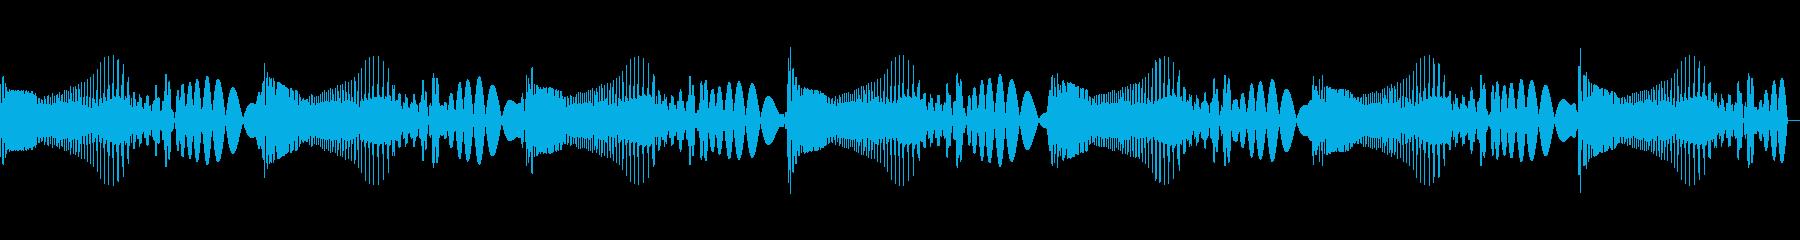 レイガン:ショートバースト、SCI...の再生済みの波形